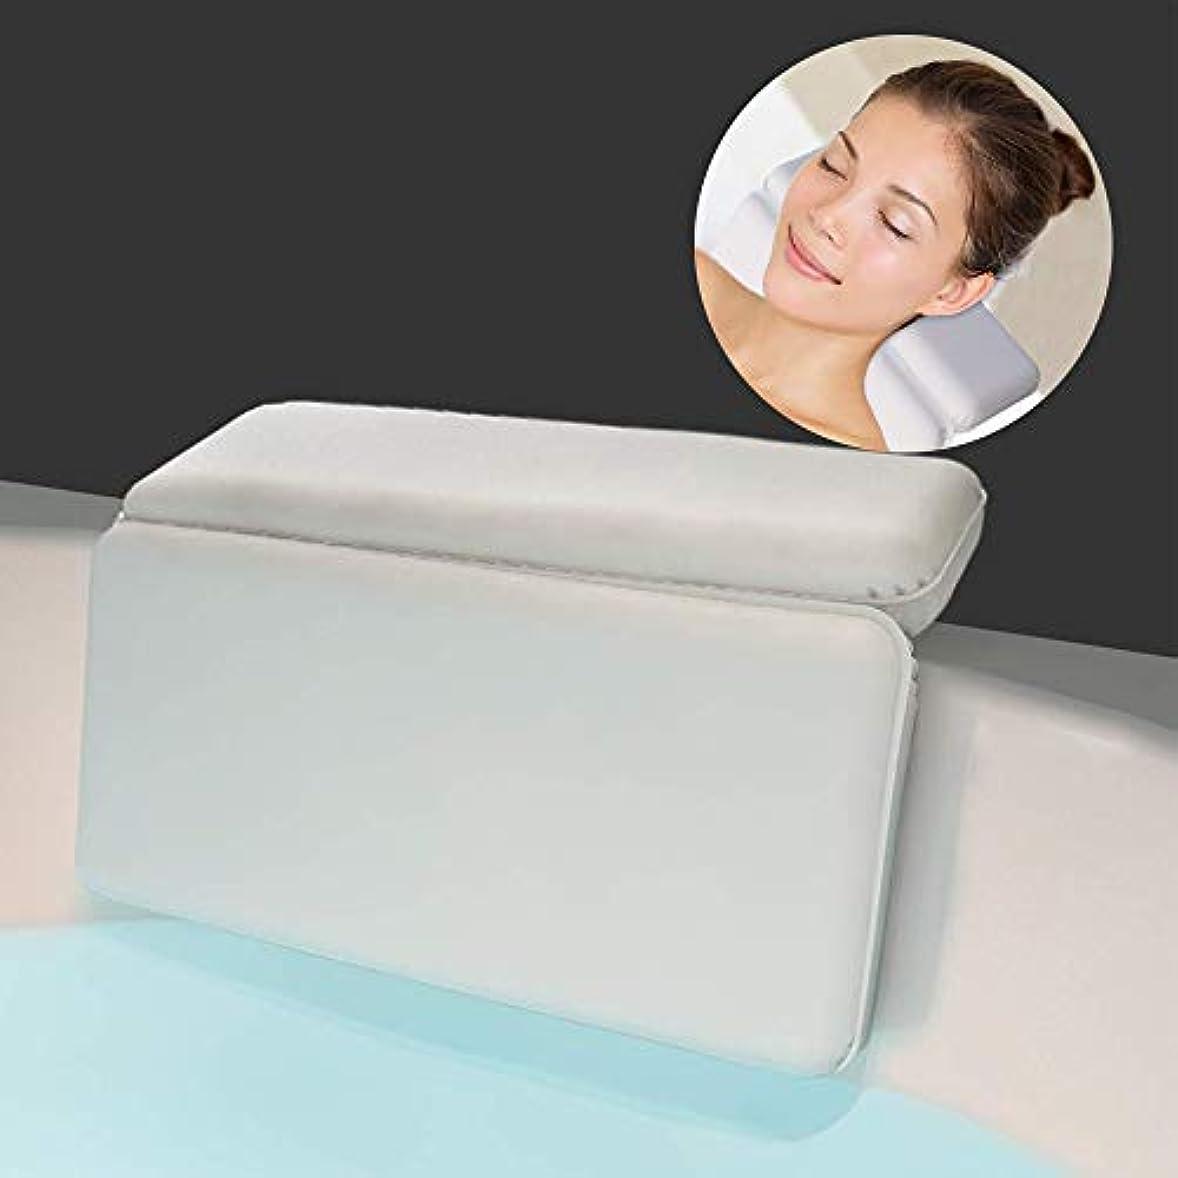 孤児意識できるサクションカップ付き防水ソフトバスピローショルダー&ネックサポート用の高級バスクッション。あらゆるサイズの浴槽にフィット